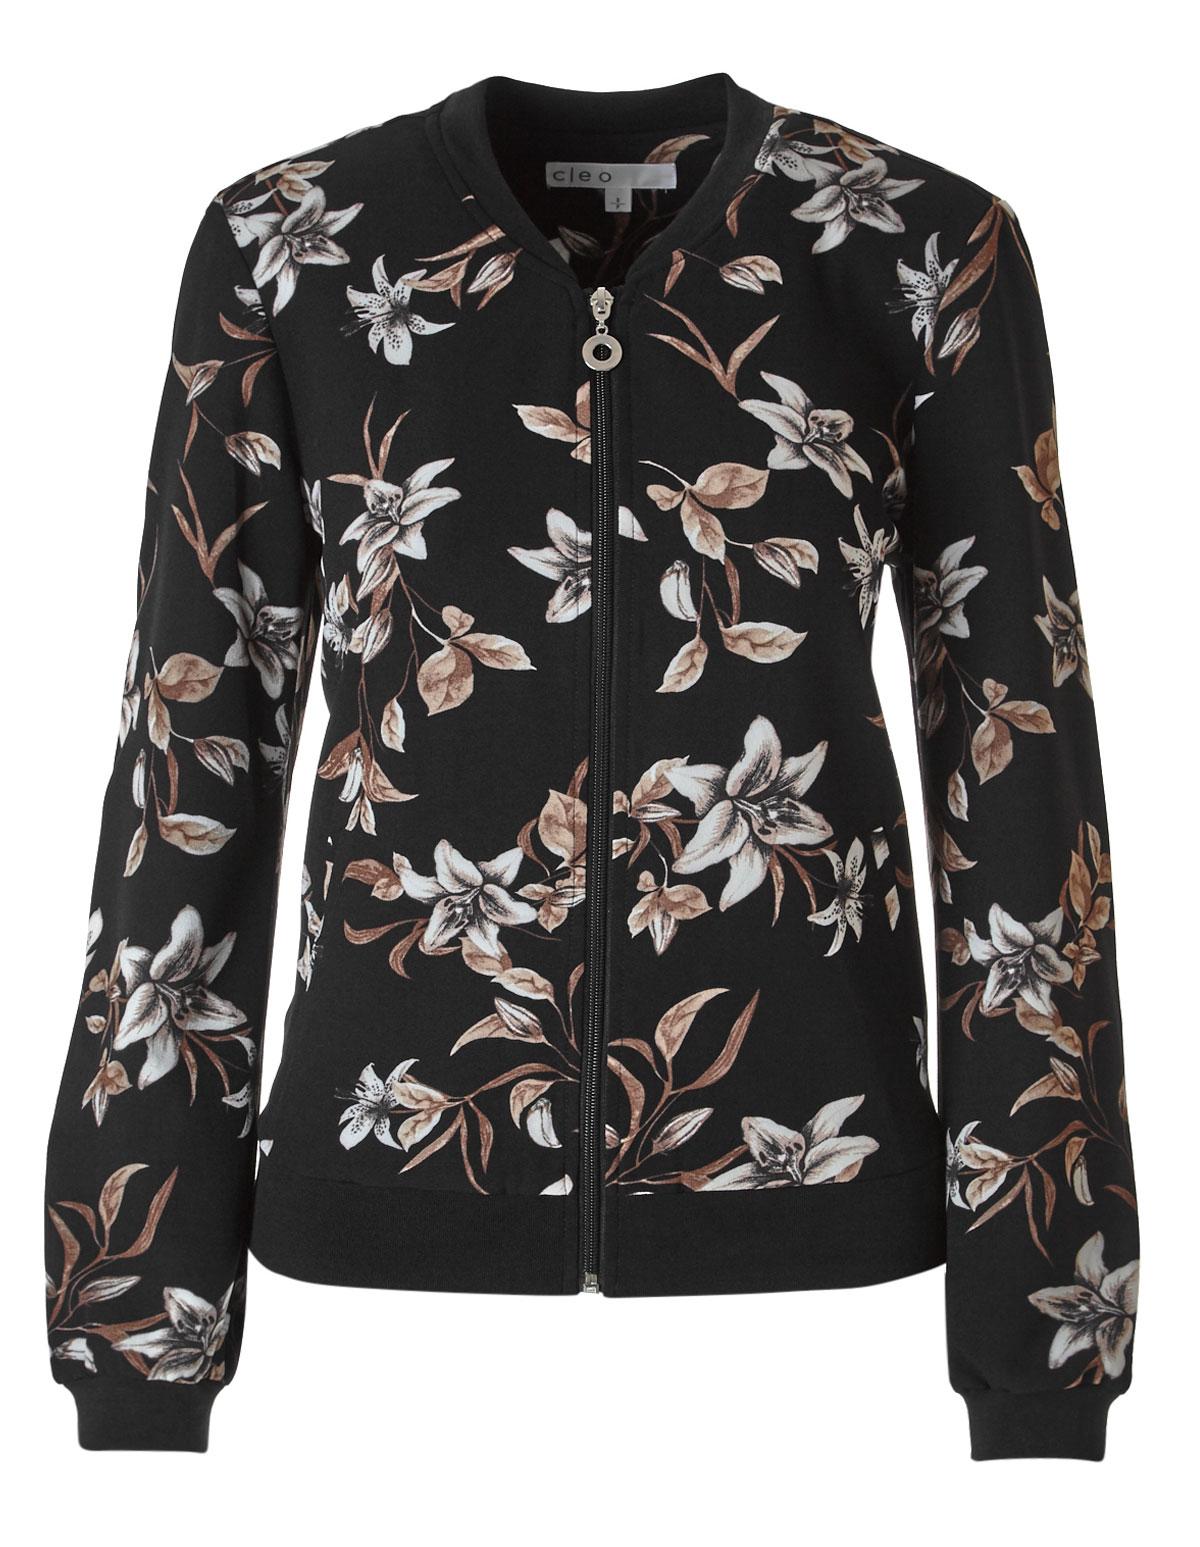 b506851ef7f6 Black Floral Bomber Jacket